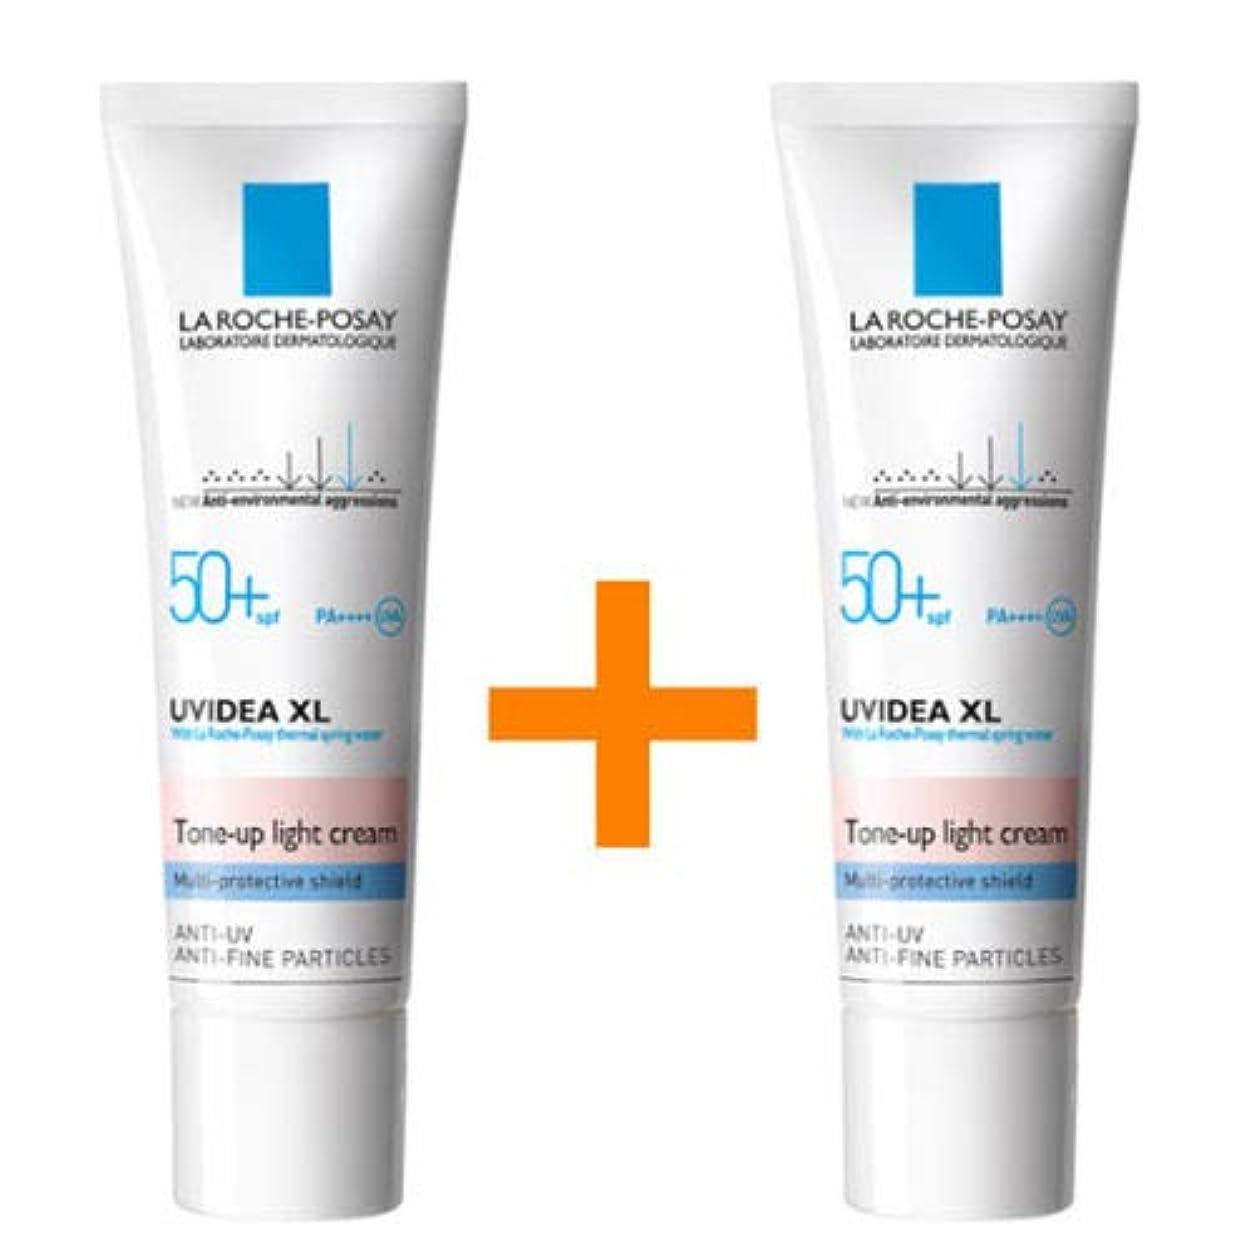 マインドフルただトンネル[1+1] La Roche-Posay ラロッシュポゼ UVイデア XL プロテクショントーンアップ Uvidea XL Tone-up Light Cream (30ml)